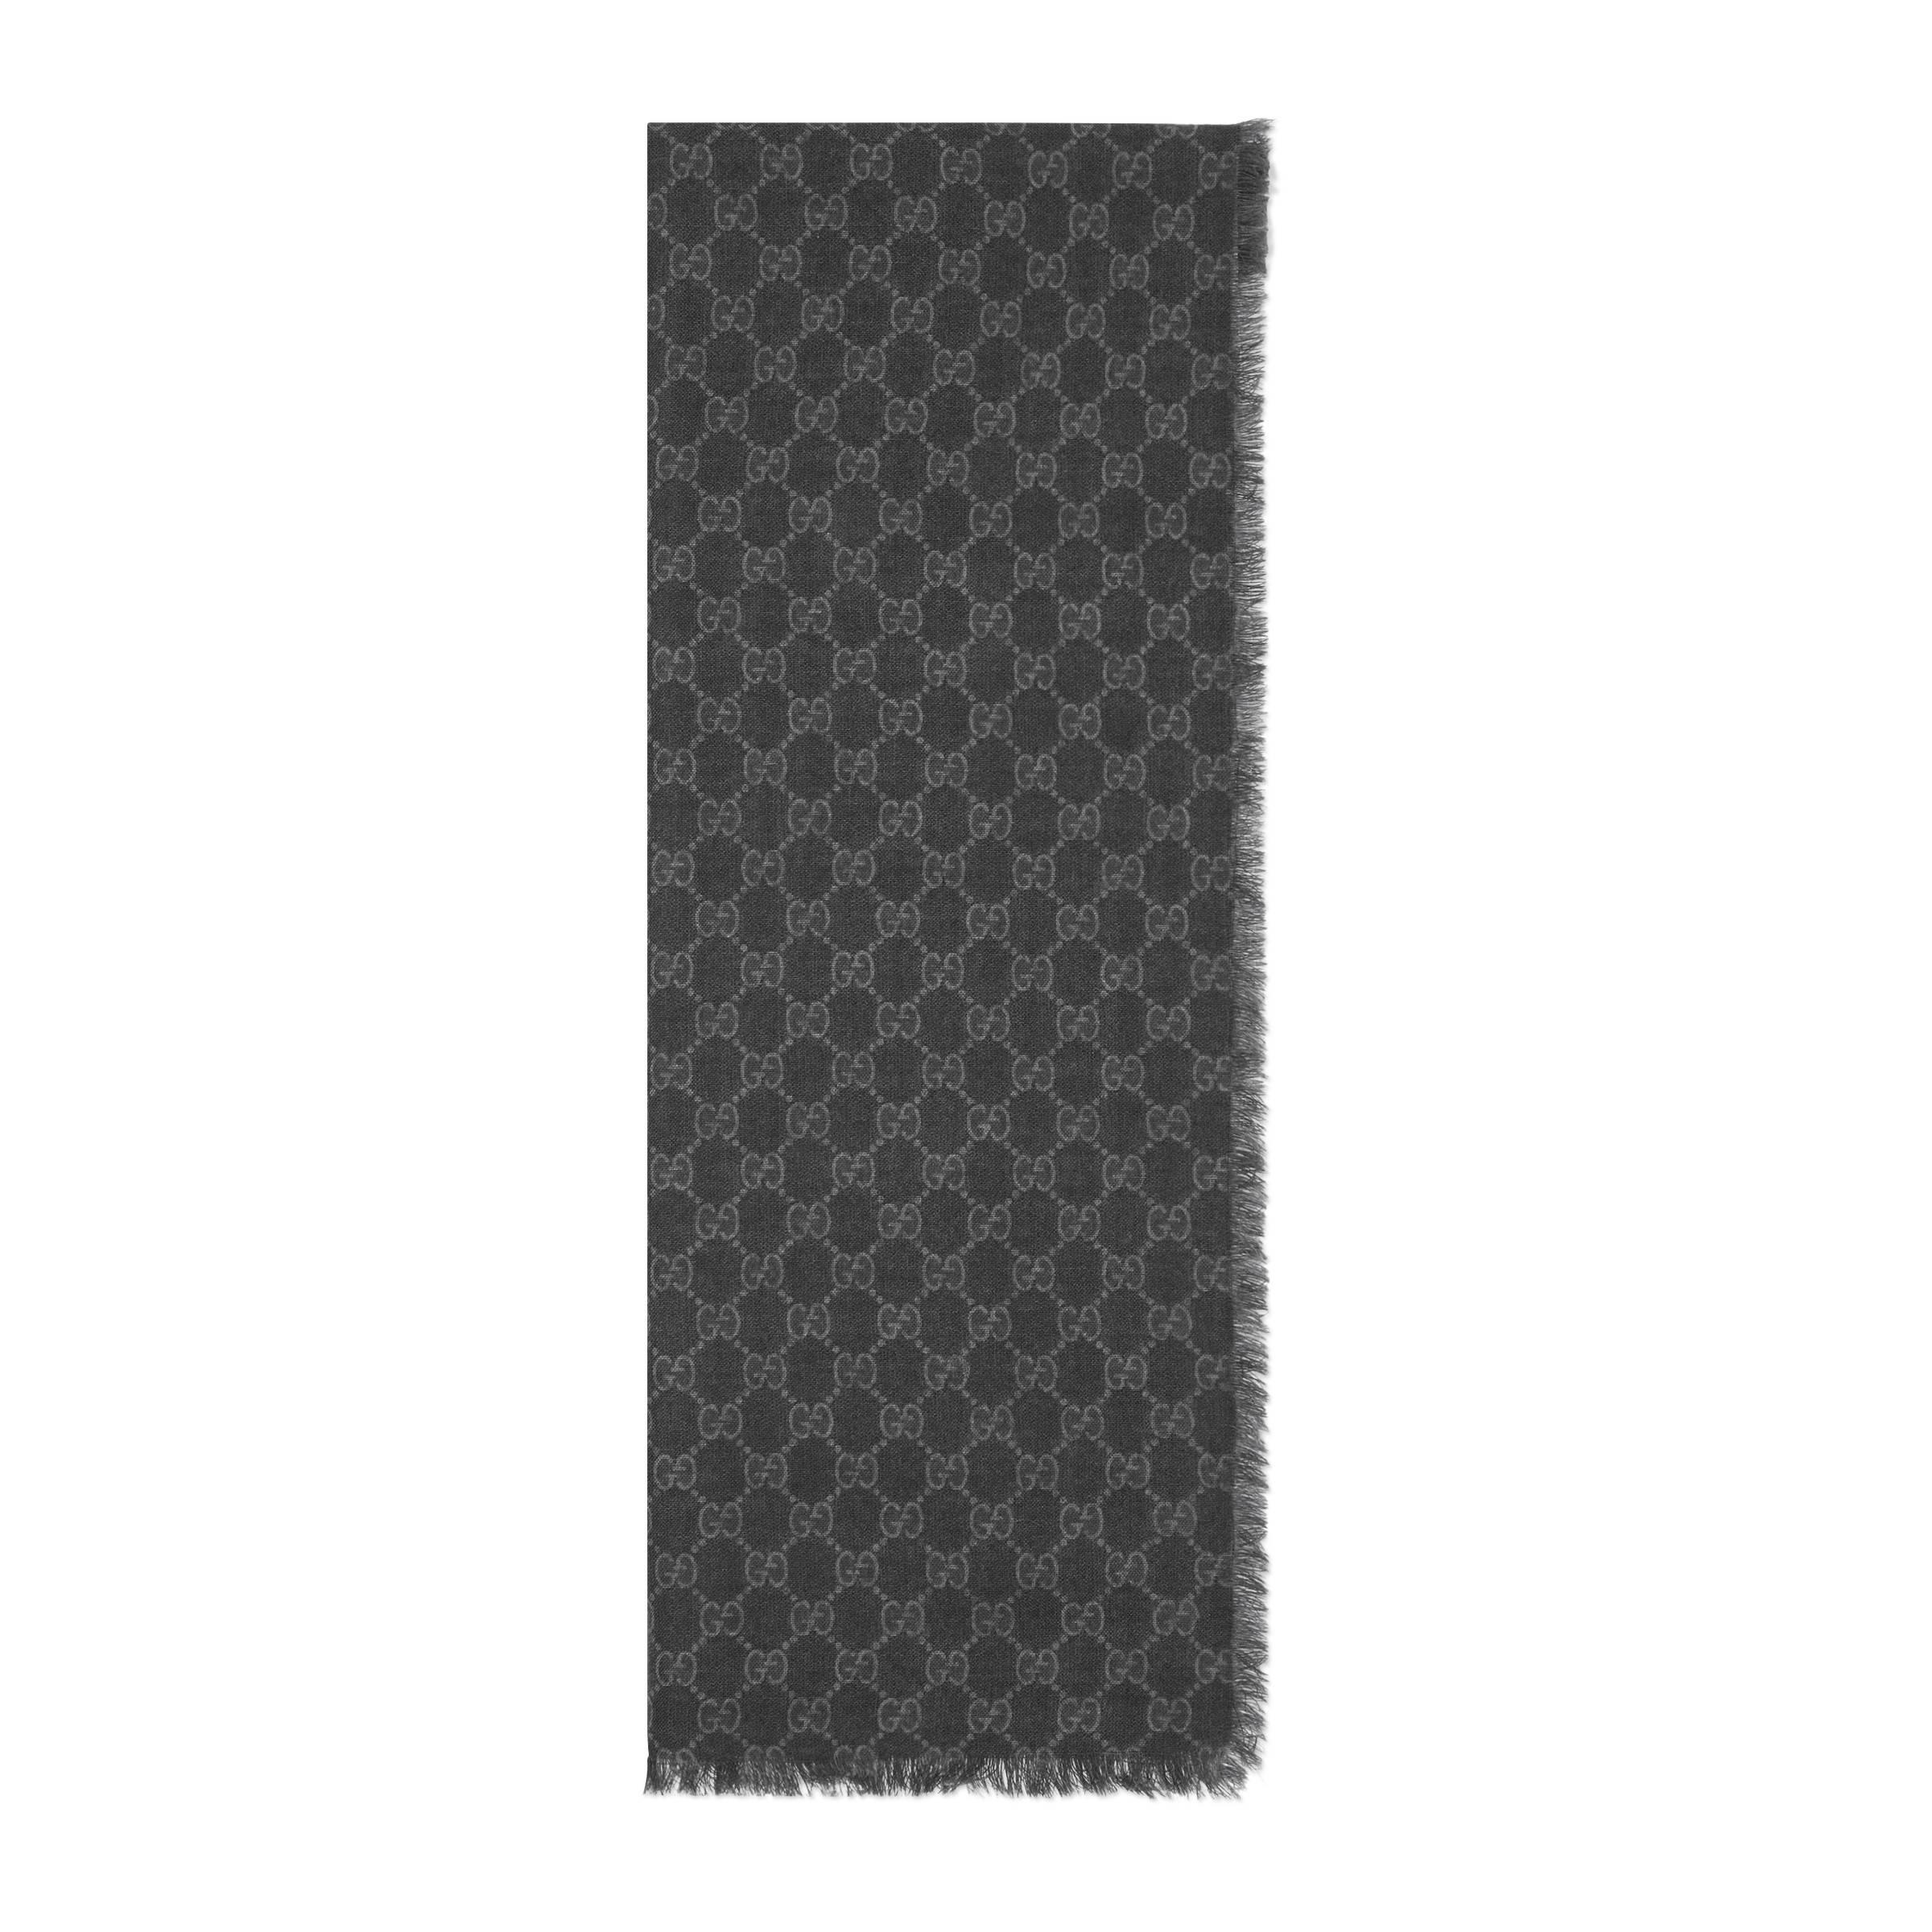 acheter bien moins cher braderie Étole en laine GG à bande Web homme de coloris noir